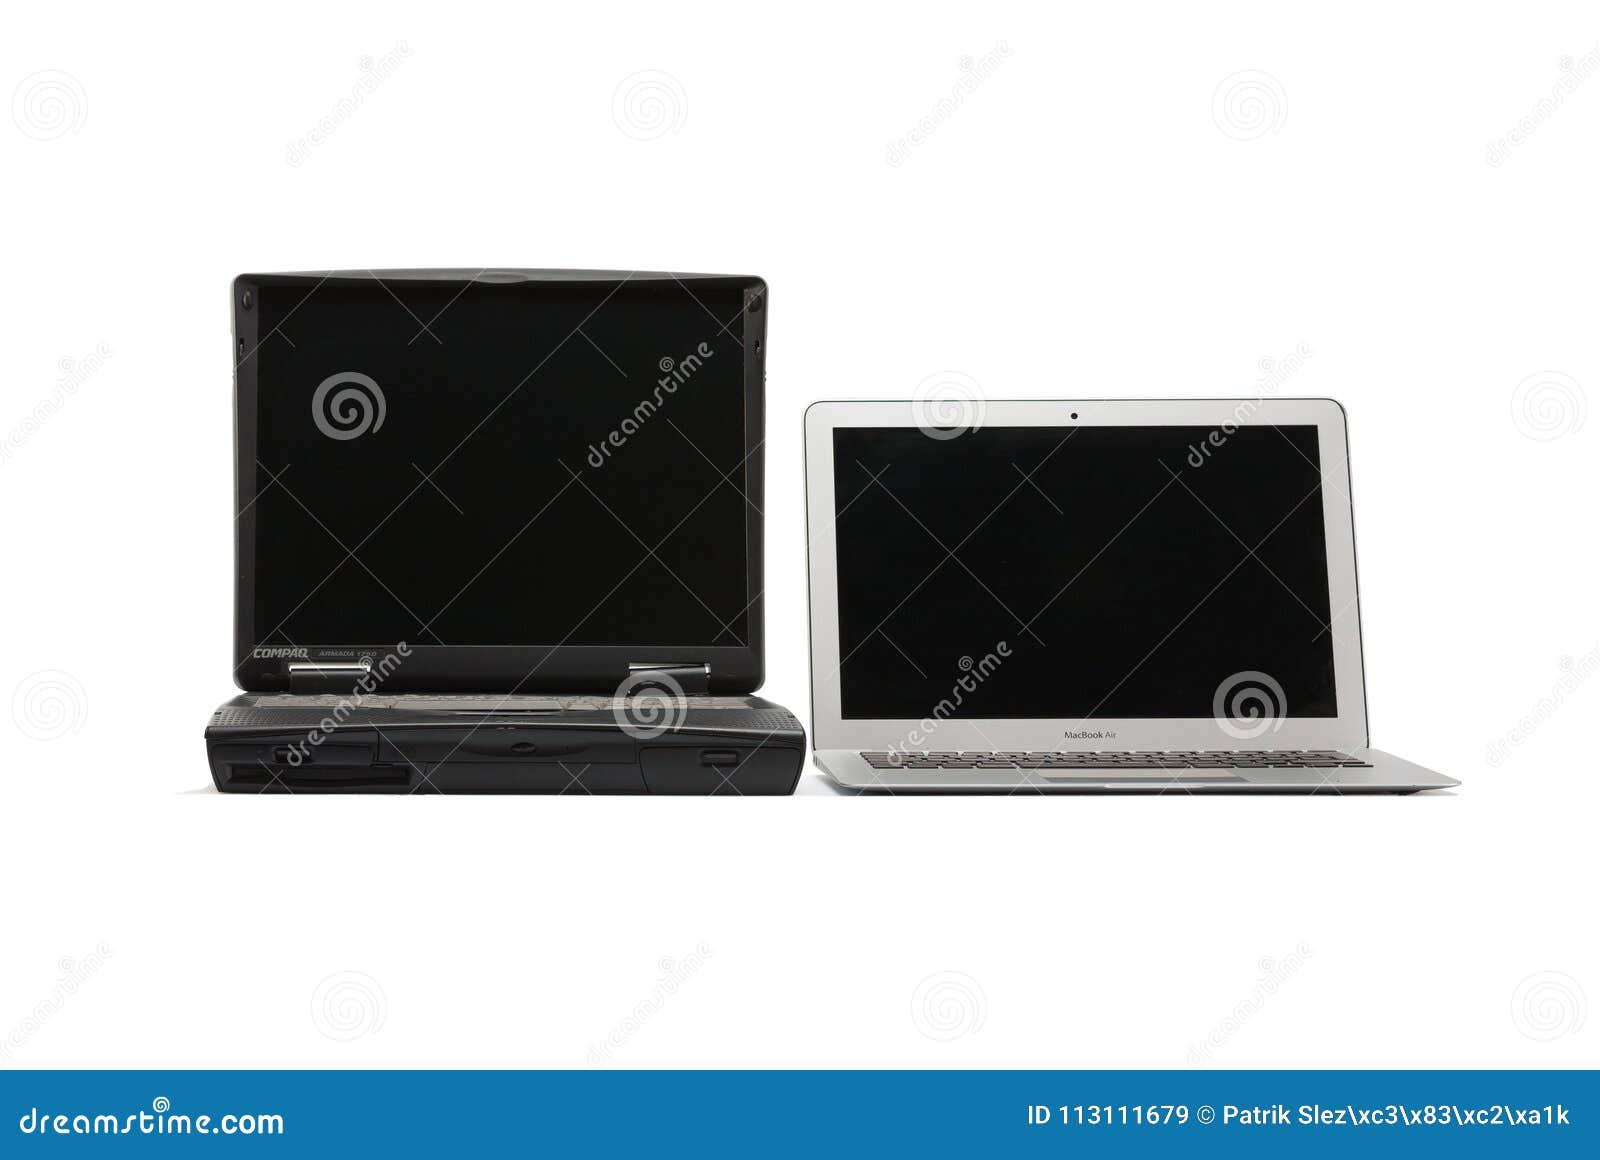 El comparar de ordenadores portátiles, del nuevo ordenador portátil moderno y viejo